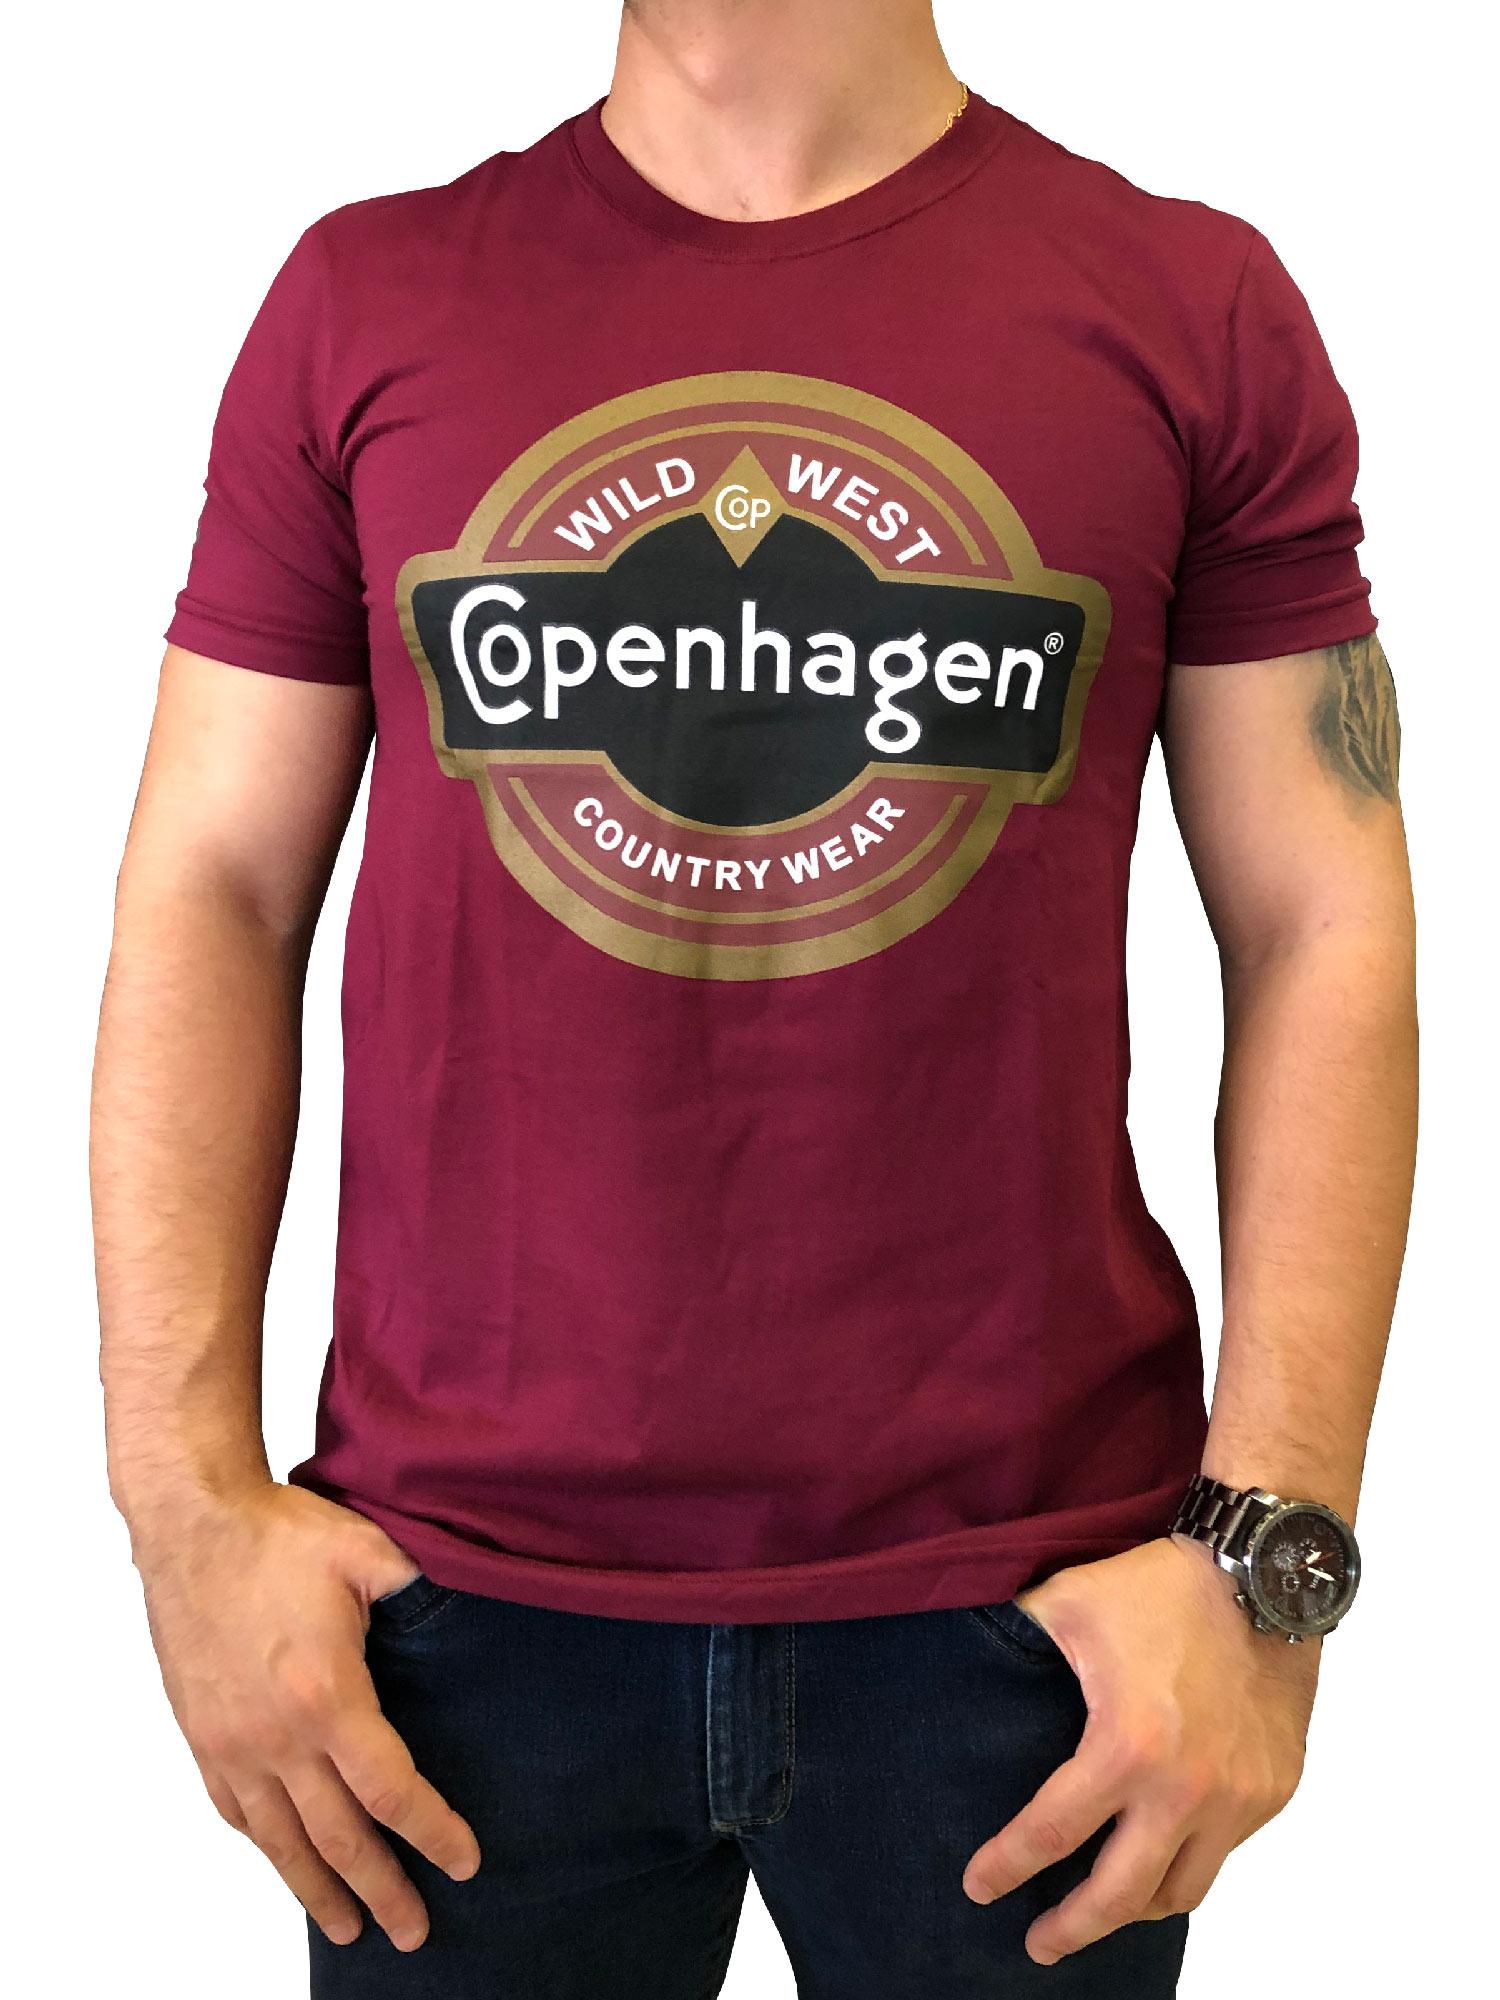 Camiseta Copenhagen Premium Wild West